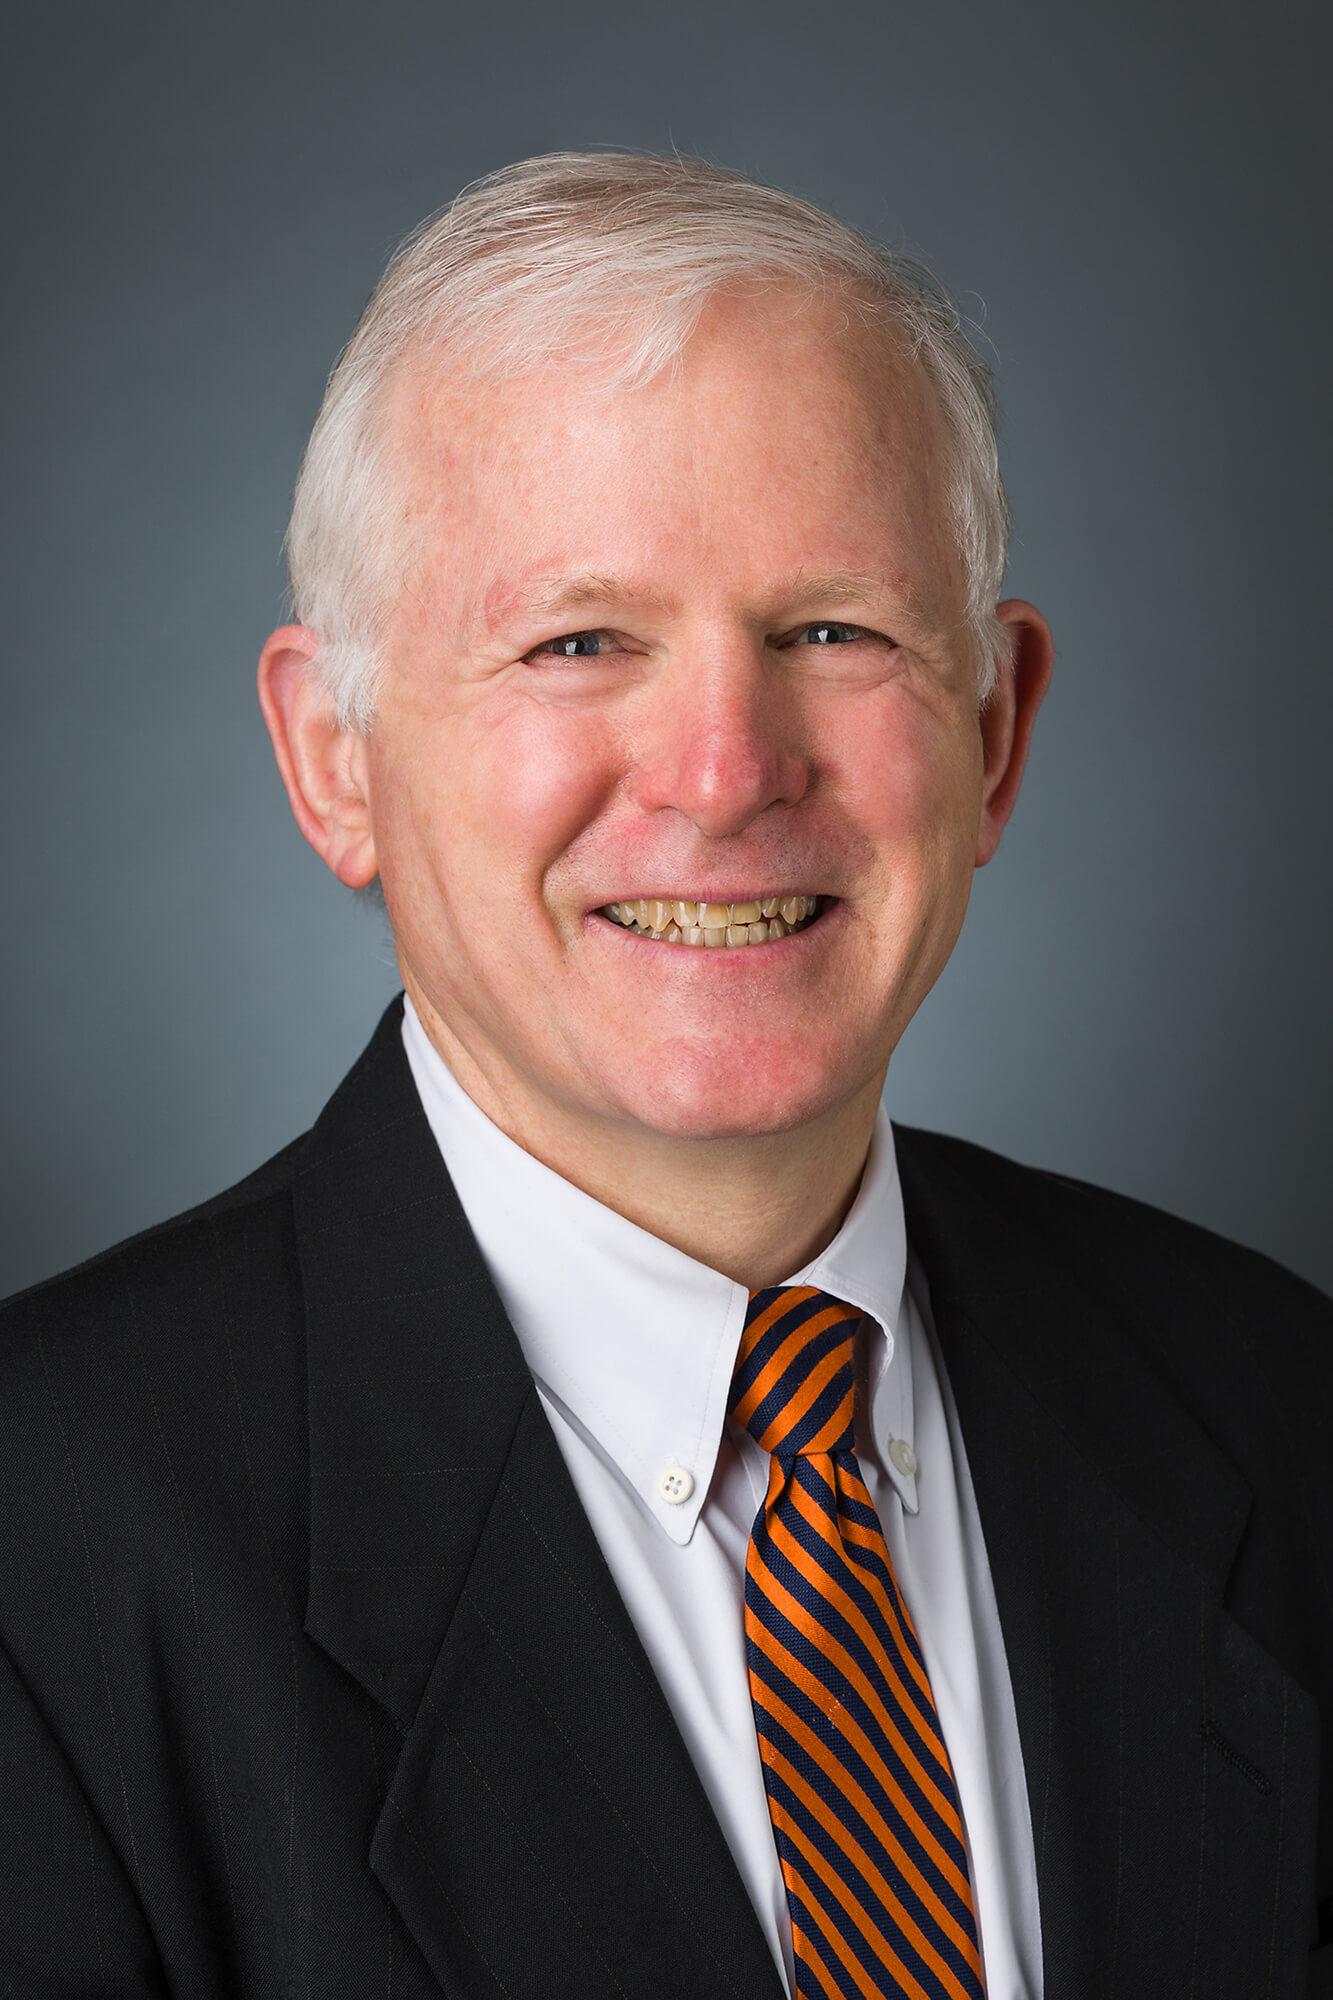 Mark K. Scanlan